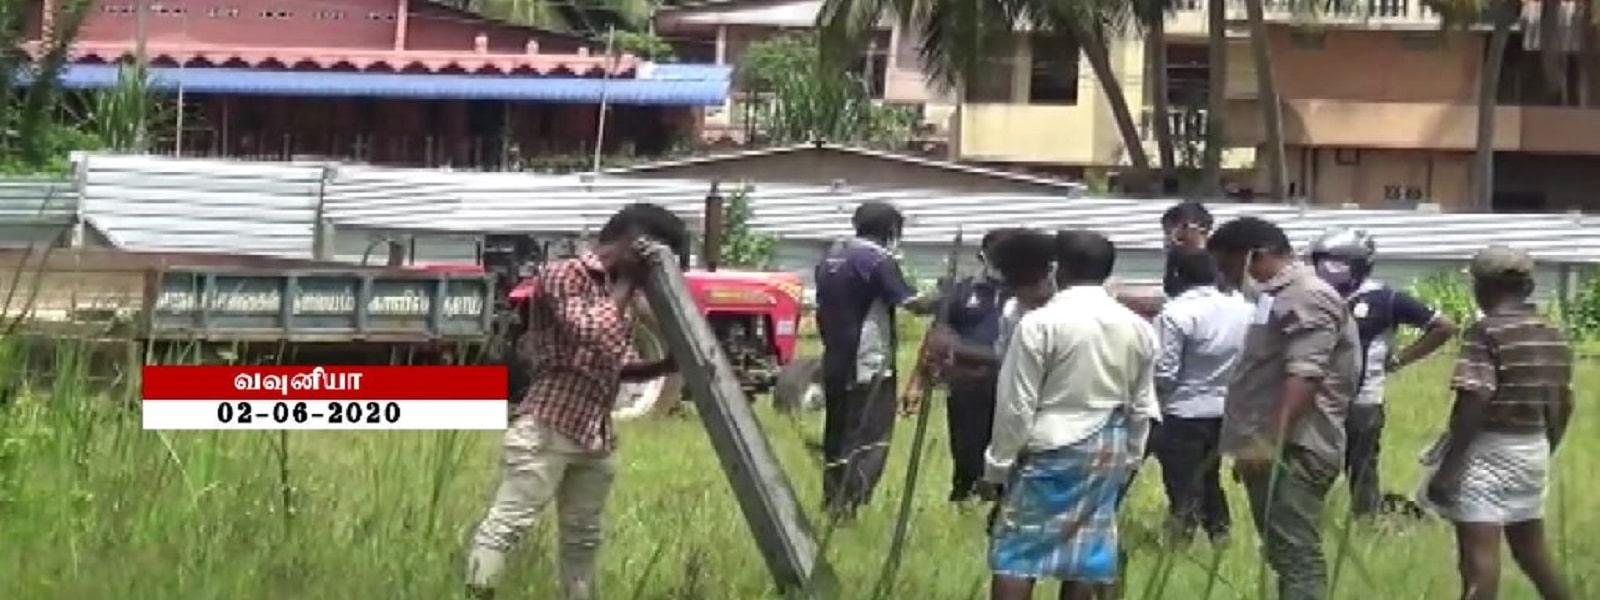 வவுனியாவில் குளங்களுக்கான காணிகளை அபகரிக்கும் முயற்சி முறியடிப்பு